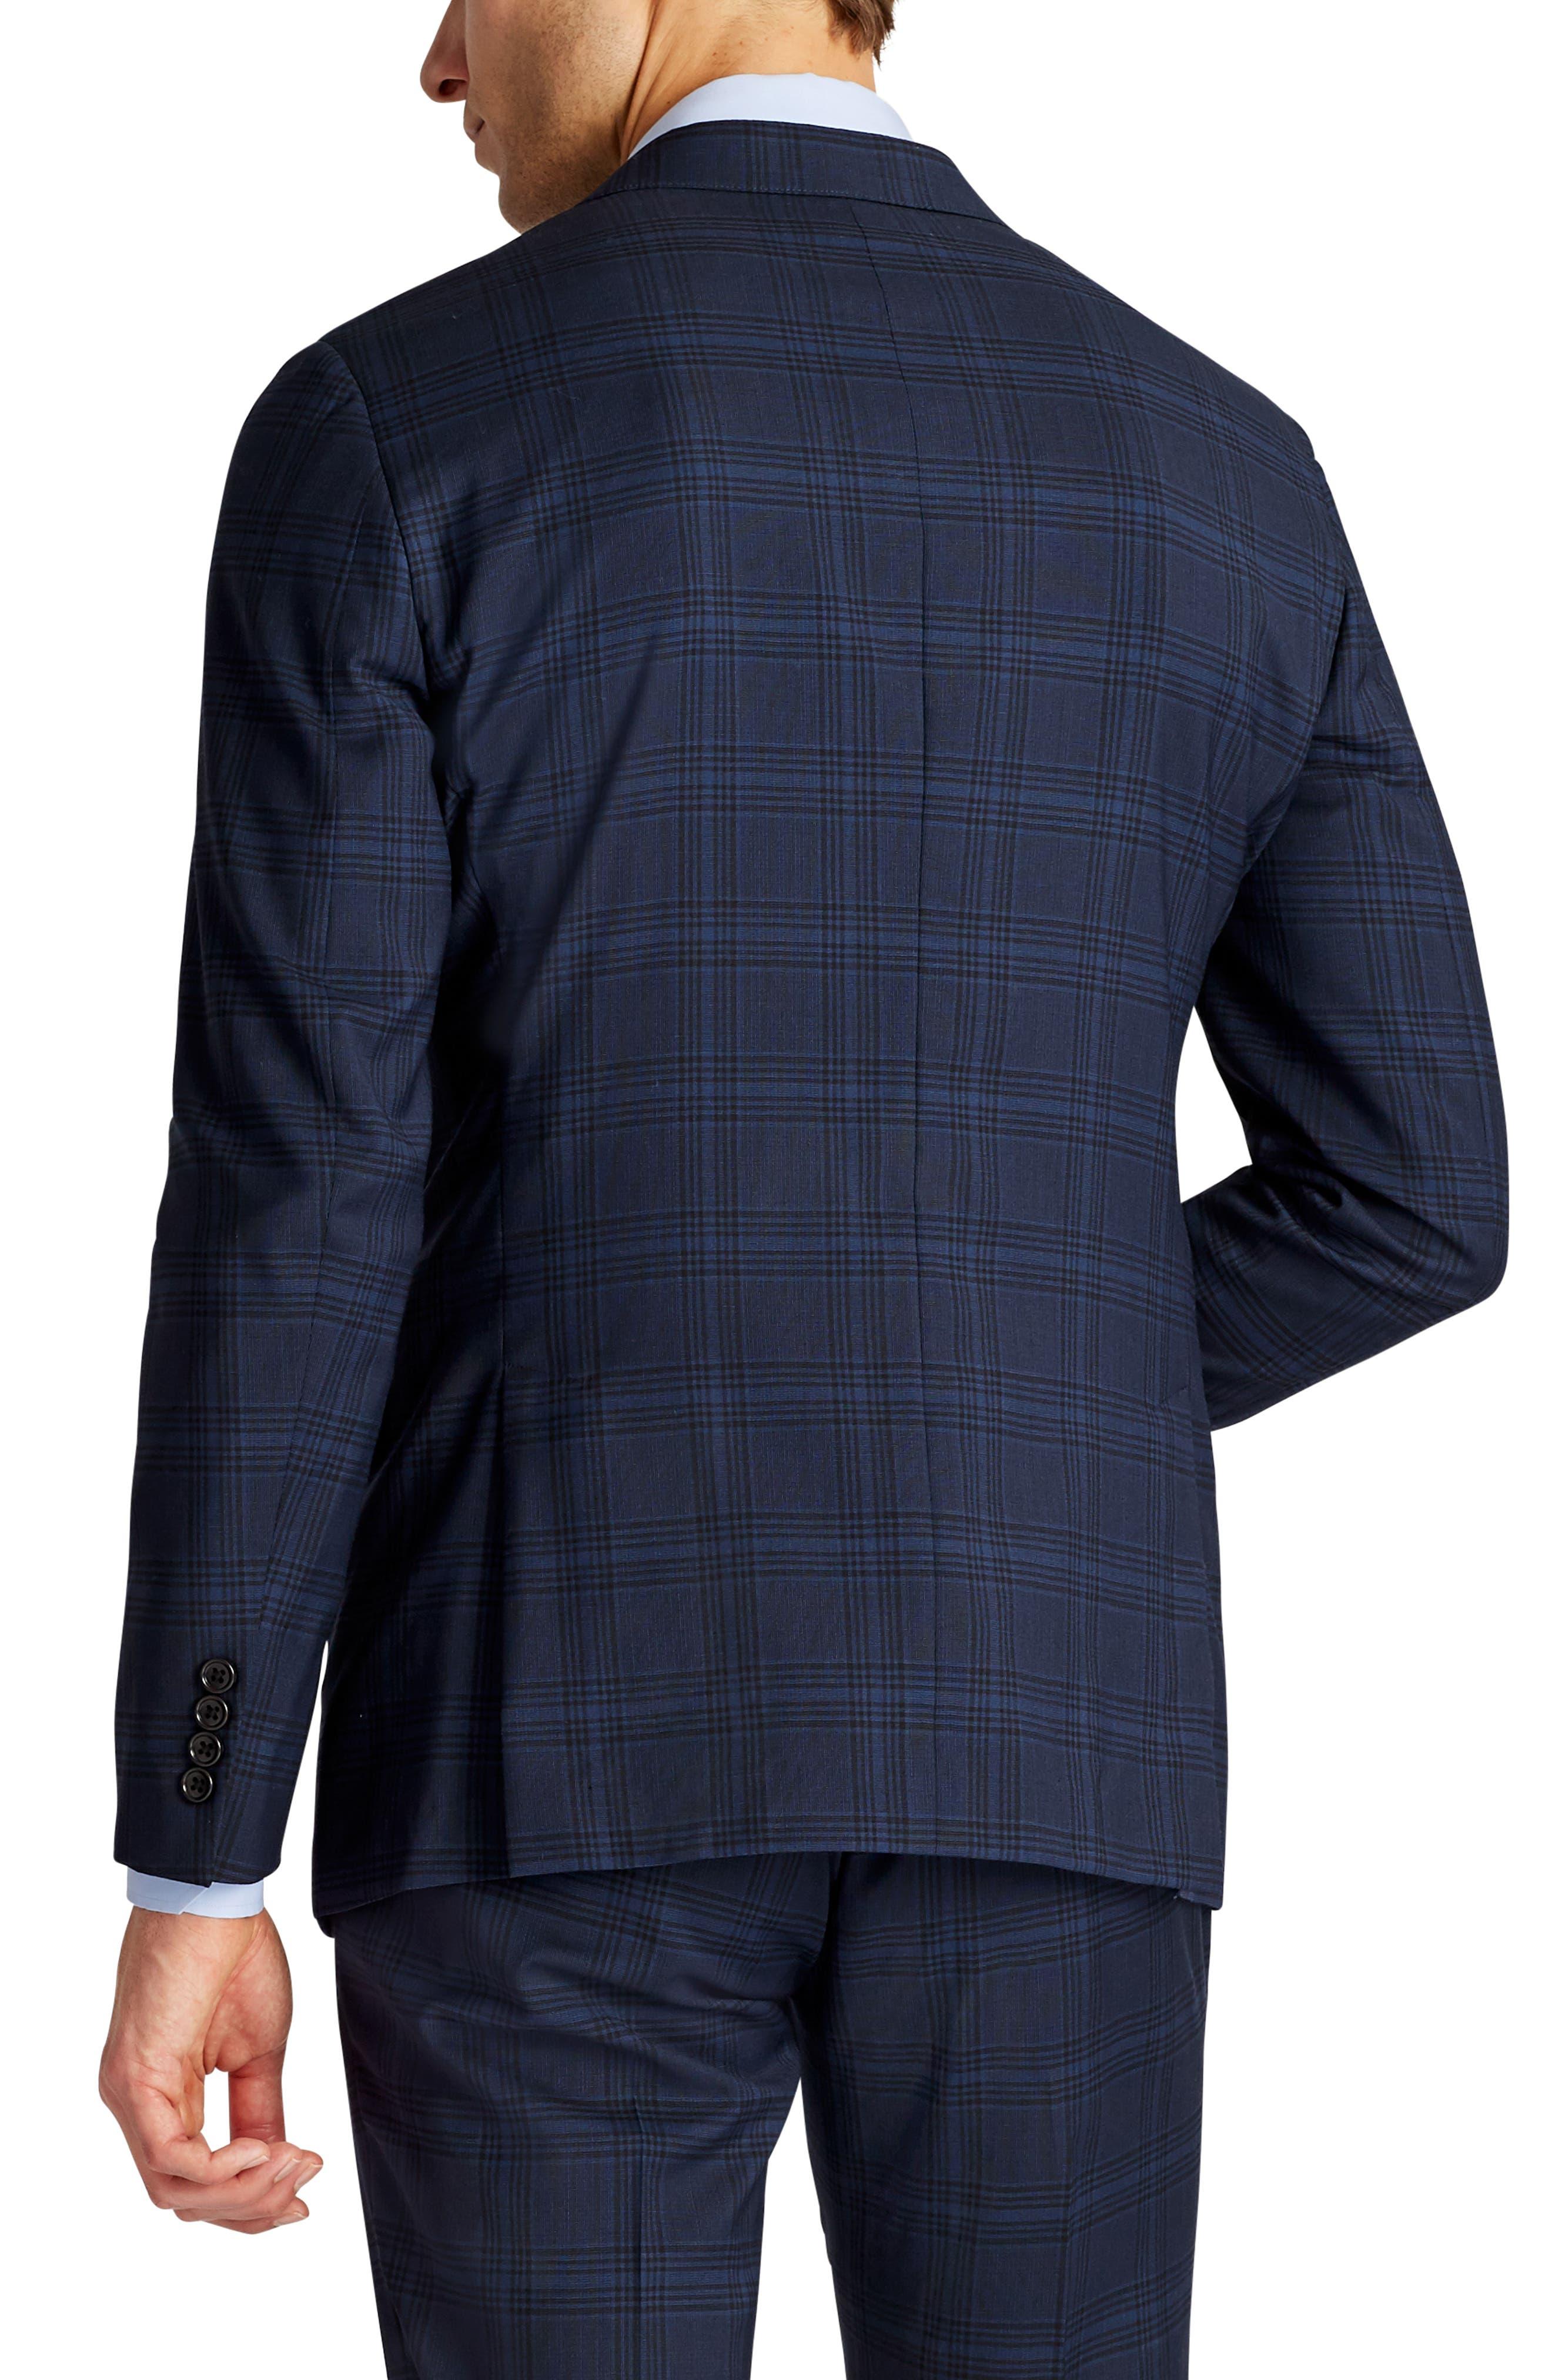 Jetsetter Trim Fit Stretch Plaid Wool Blend Suit Jacket,                             Alternate thumbnail 2, color,                             Navy Plaid